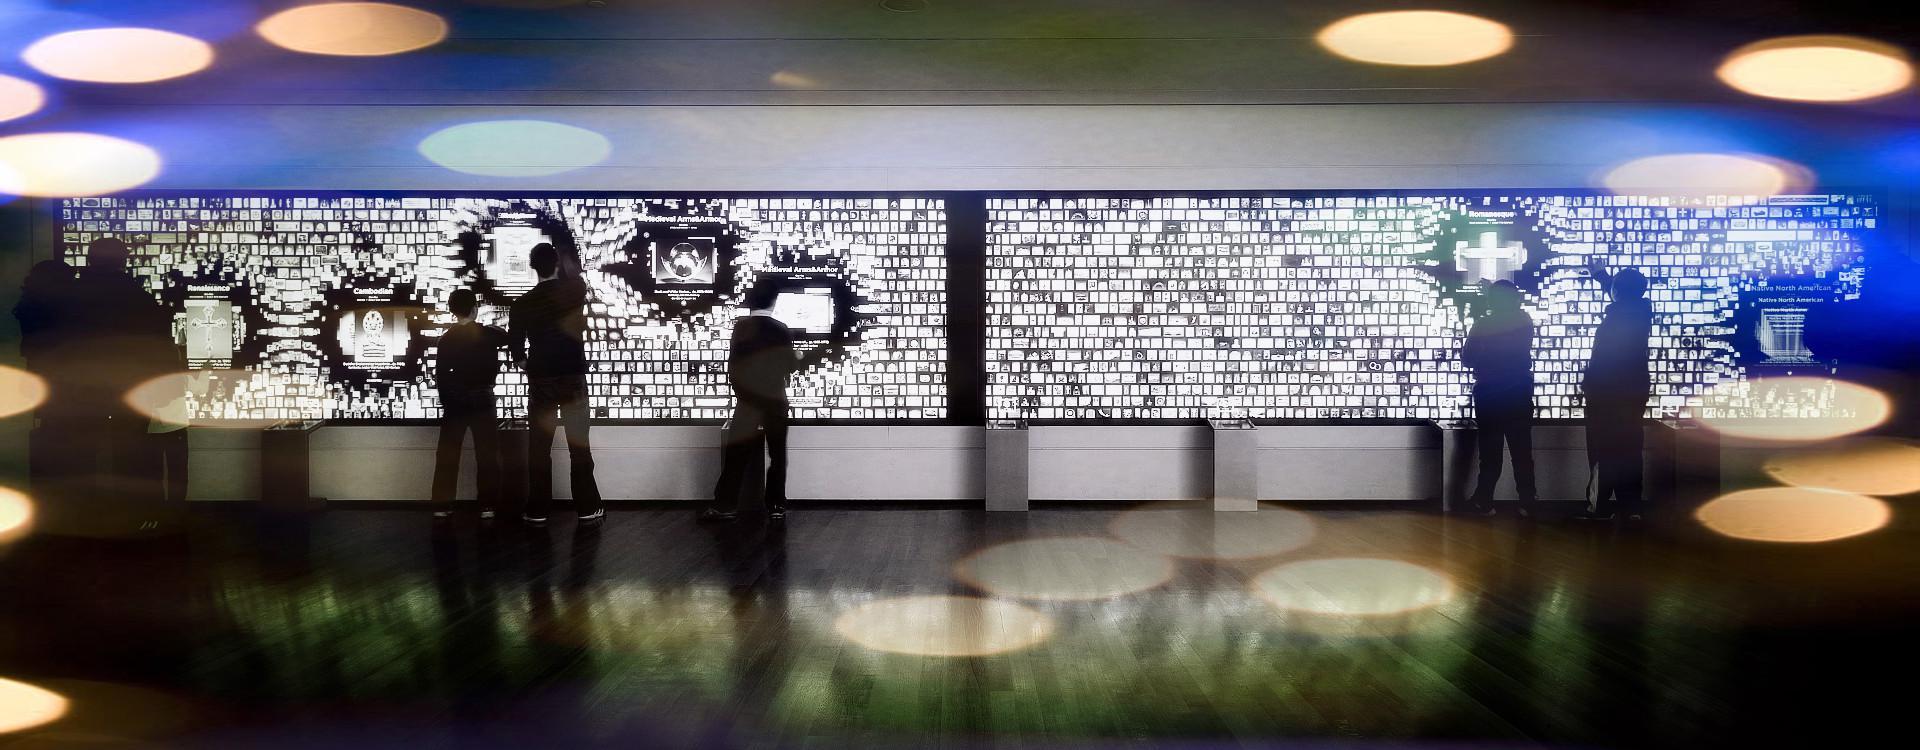 Διάδραση στους εκθεσιακούς χώρους - Διαδραστικό Μουσείο - Εφαρμογές Πολυμέσων